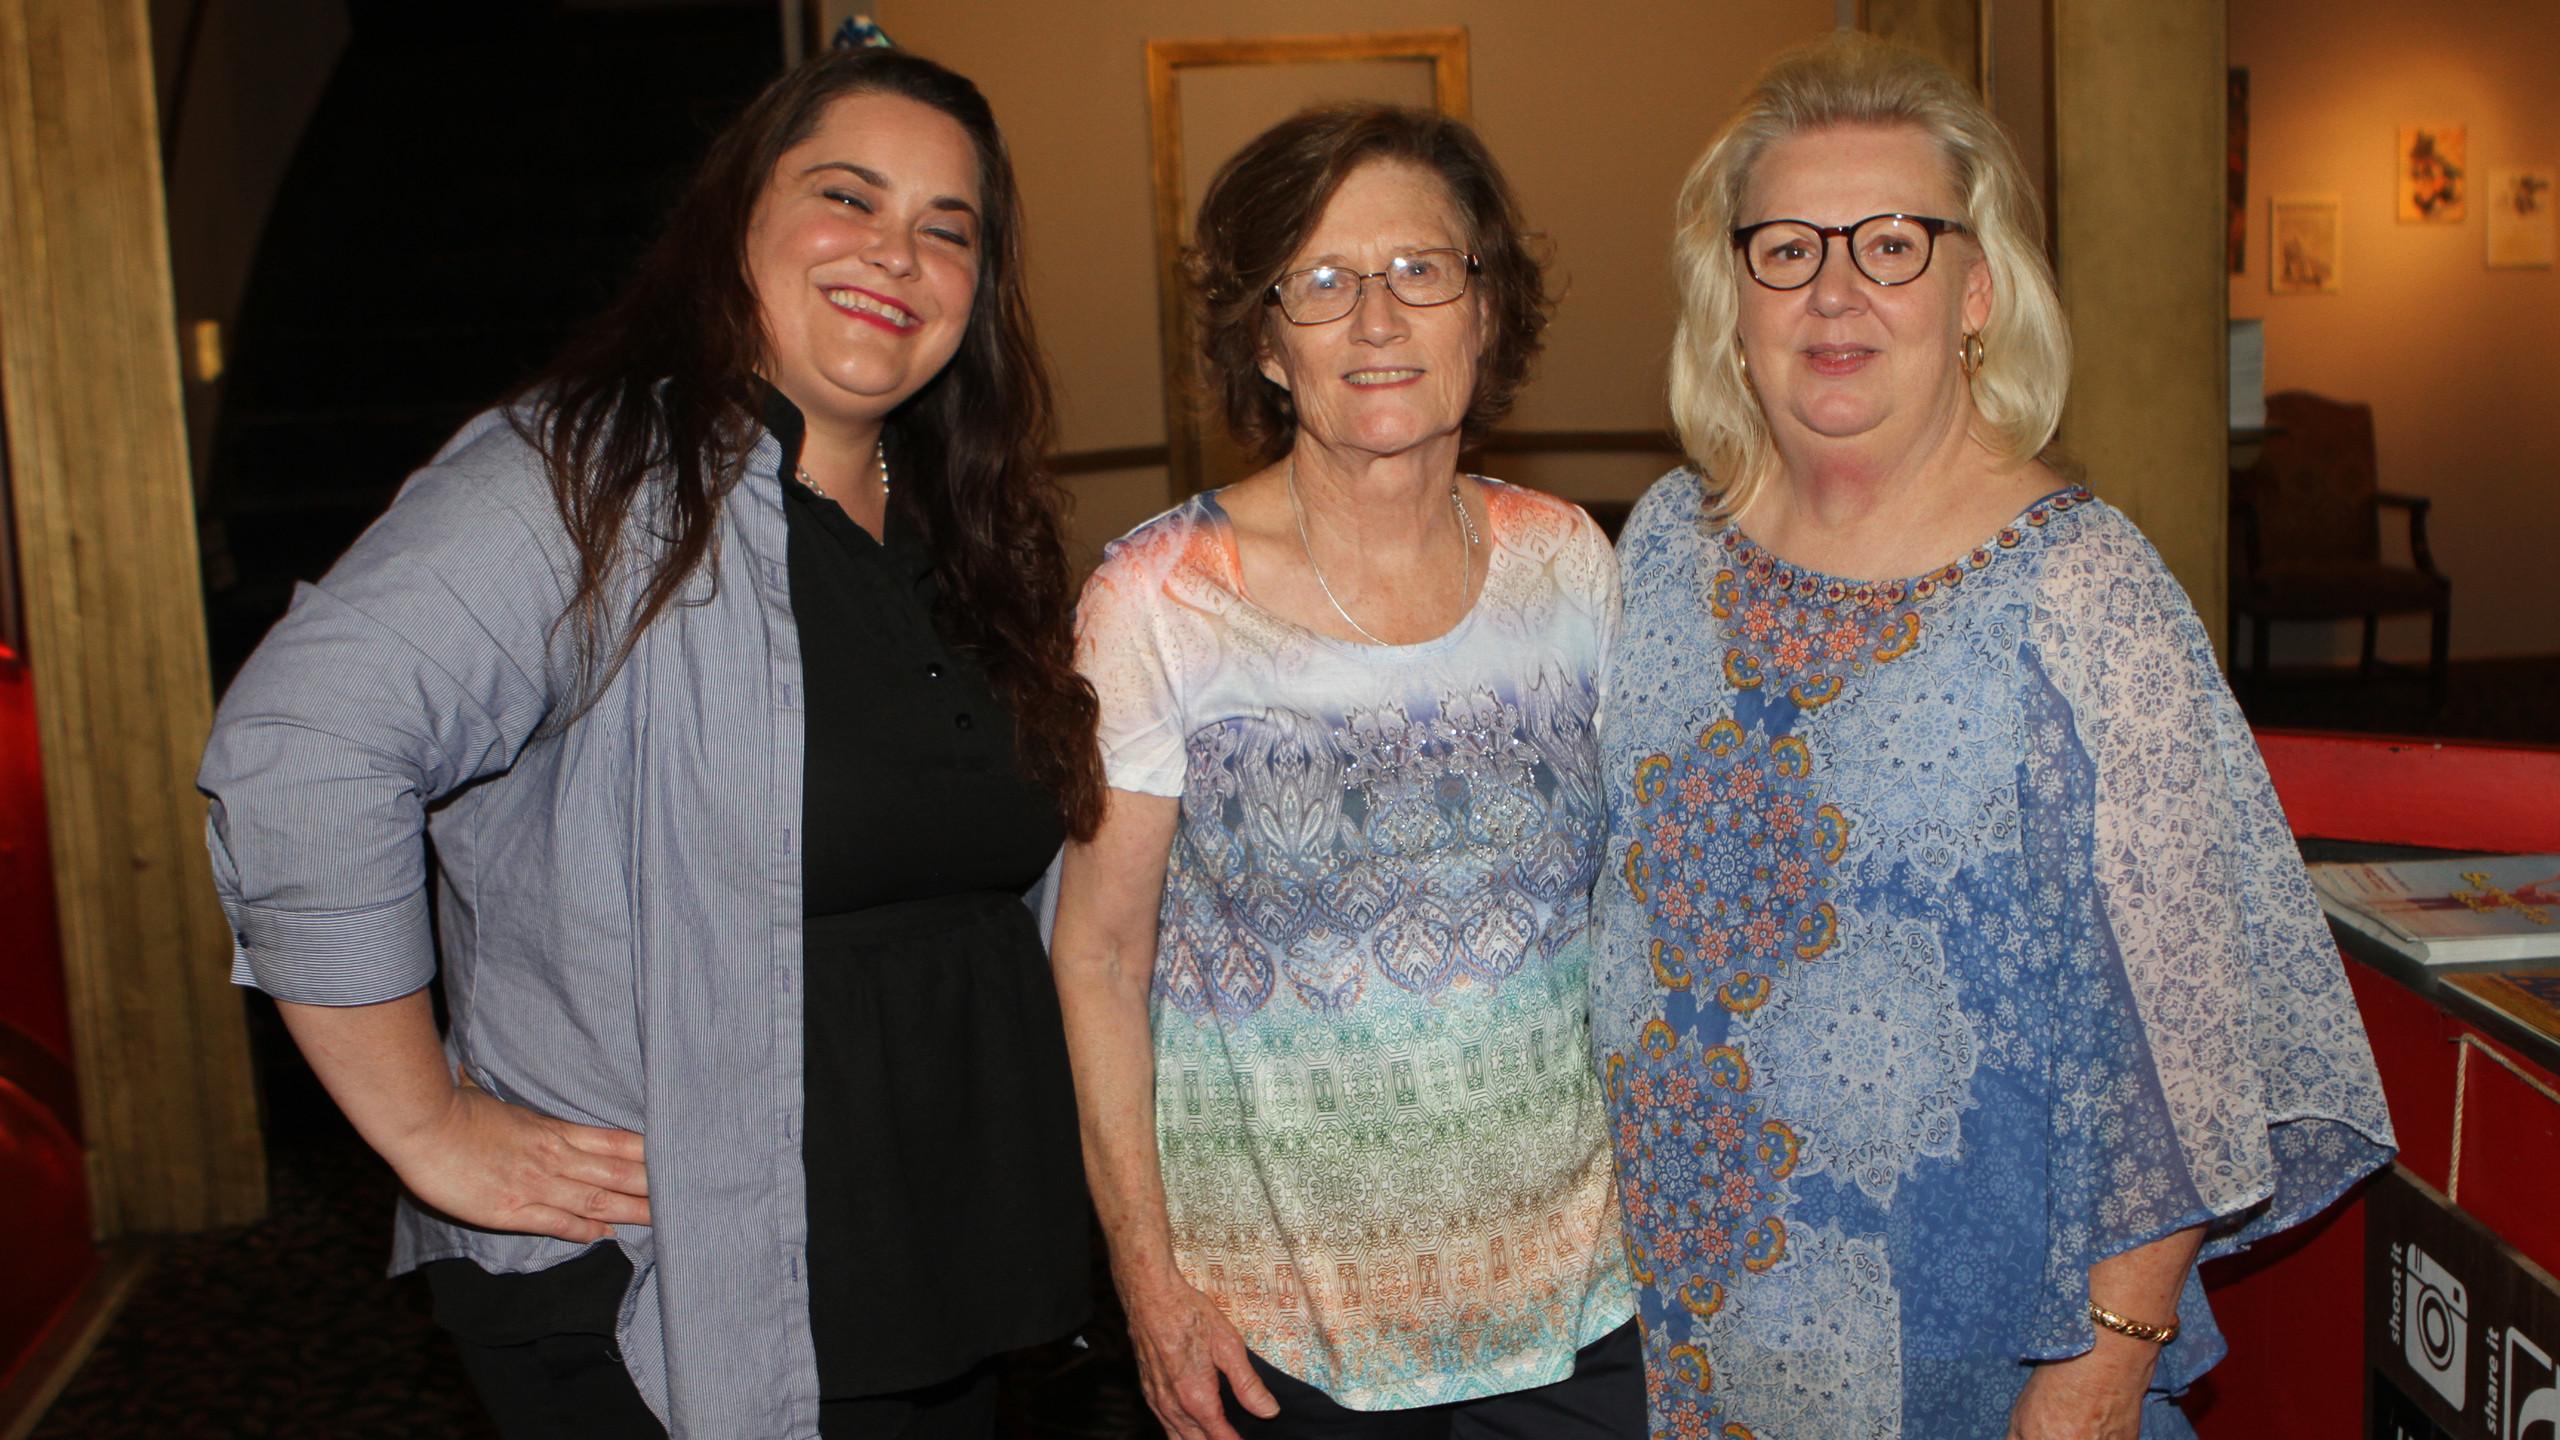 Nicole O'Connor, Nancye Britton, Brenda